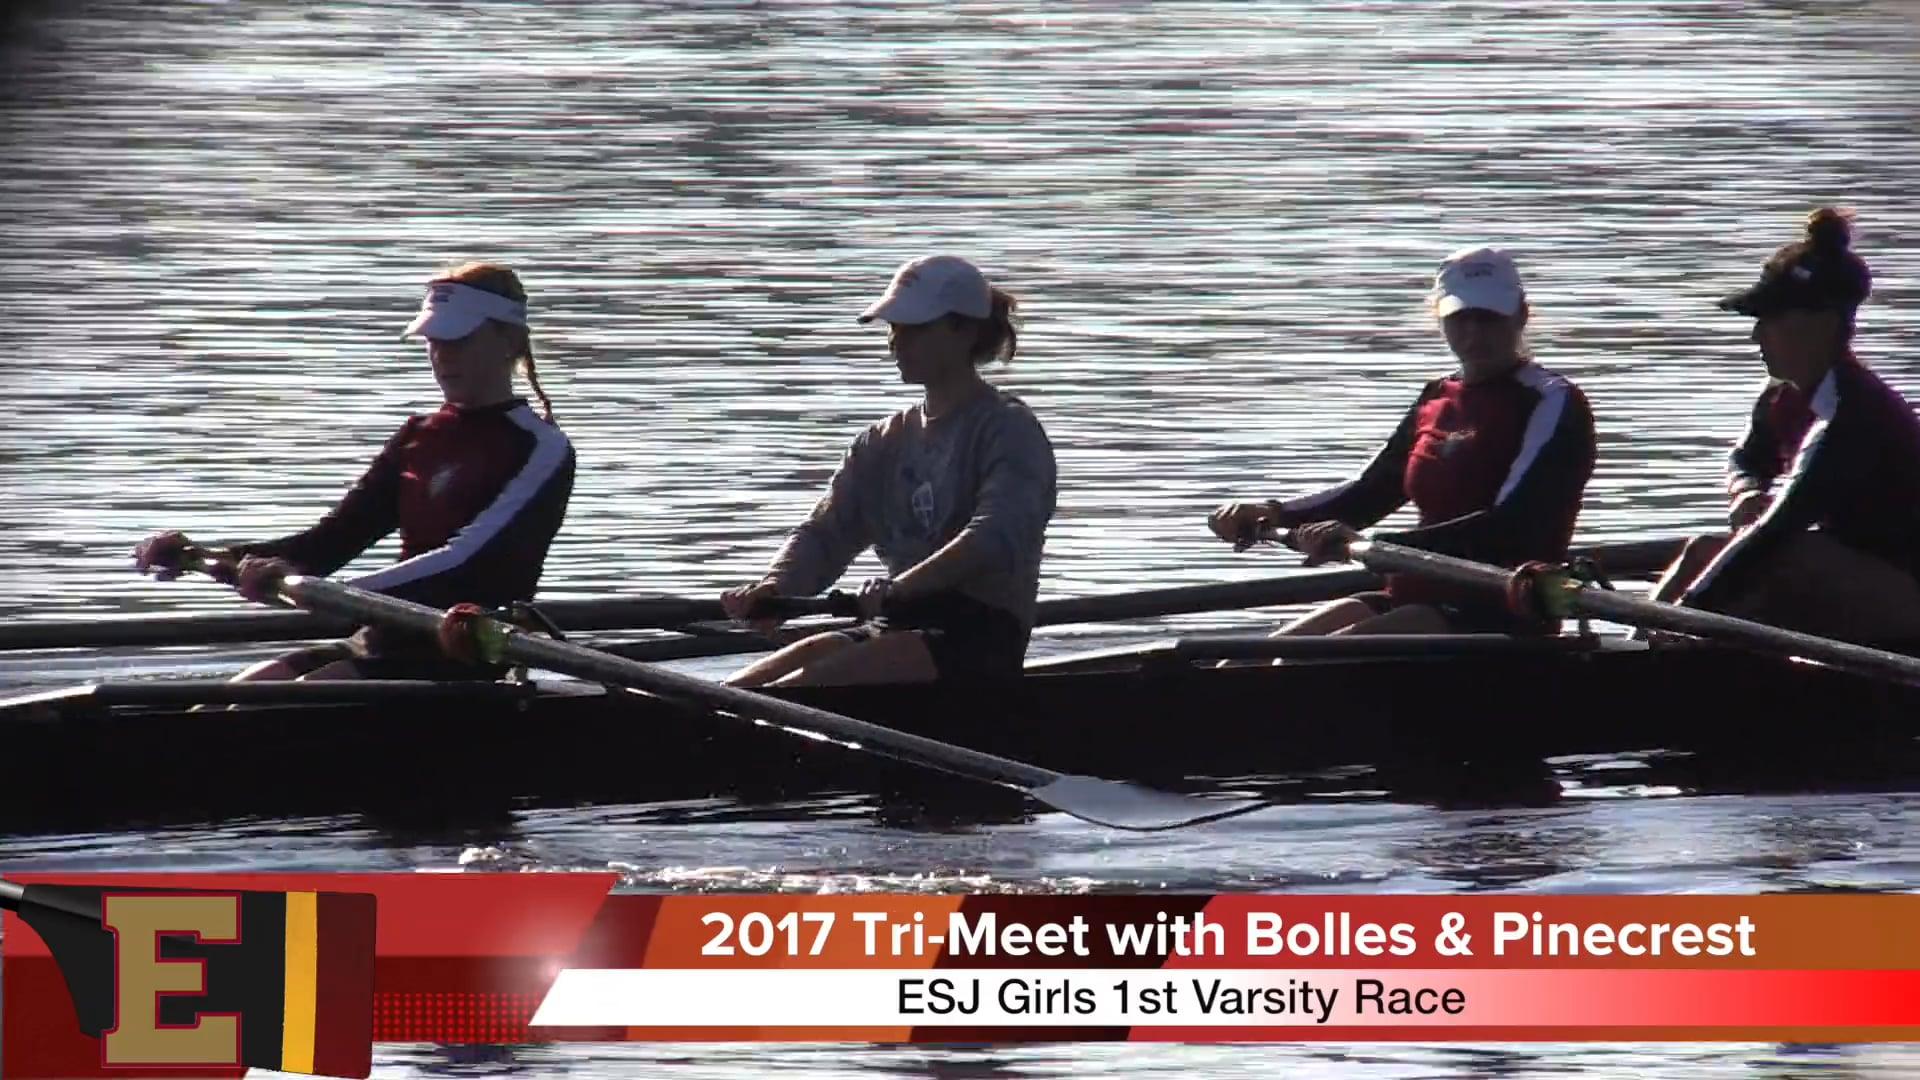 Girls 1st Varsity 2017 Tri-Meet vs Bolles & Pine Crest Race